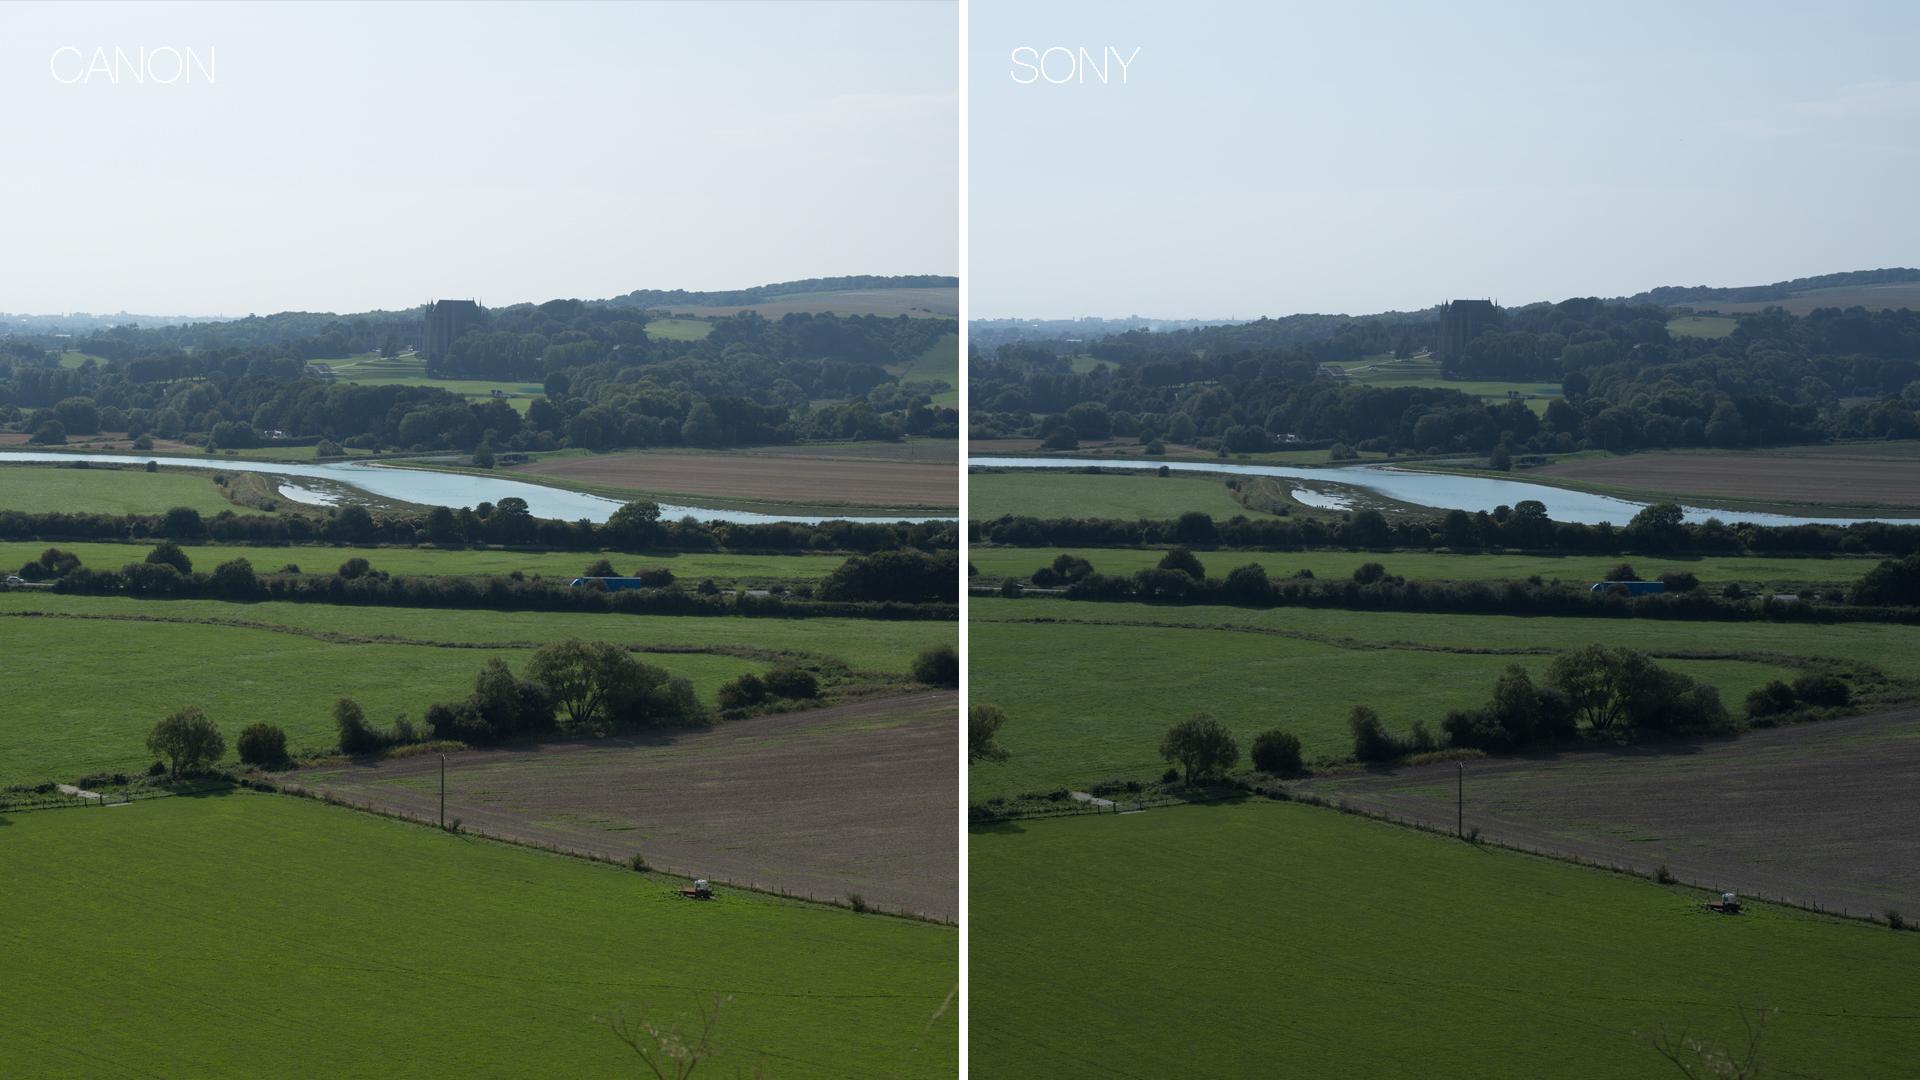 Canon vs Sony comparison 3